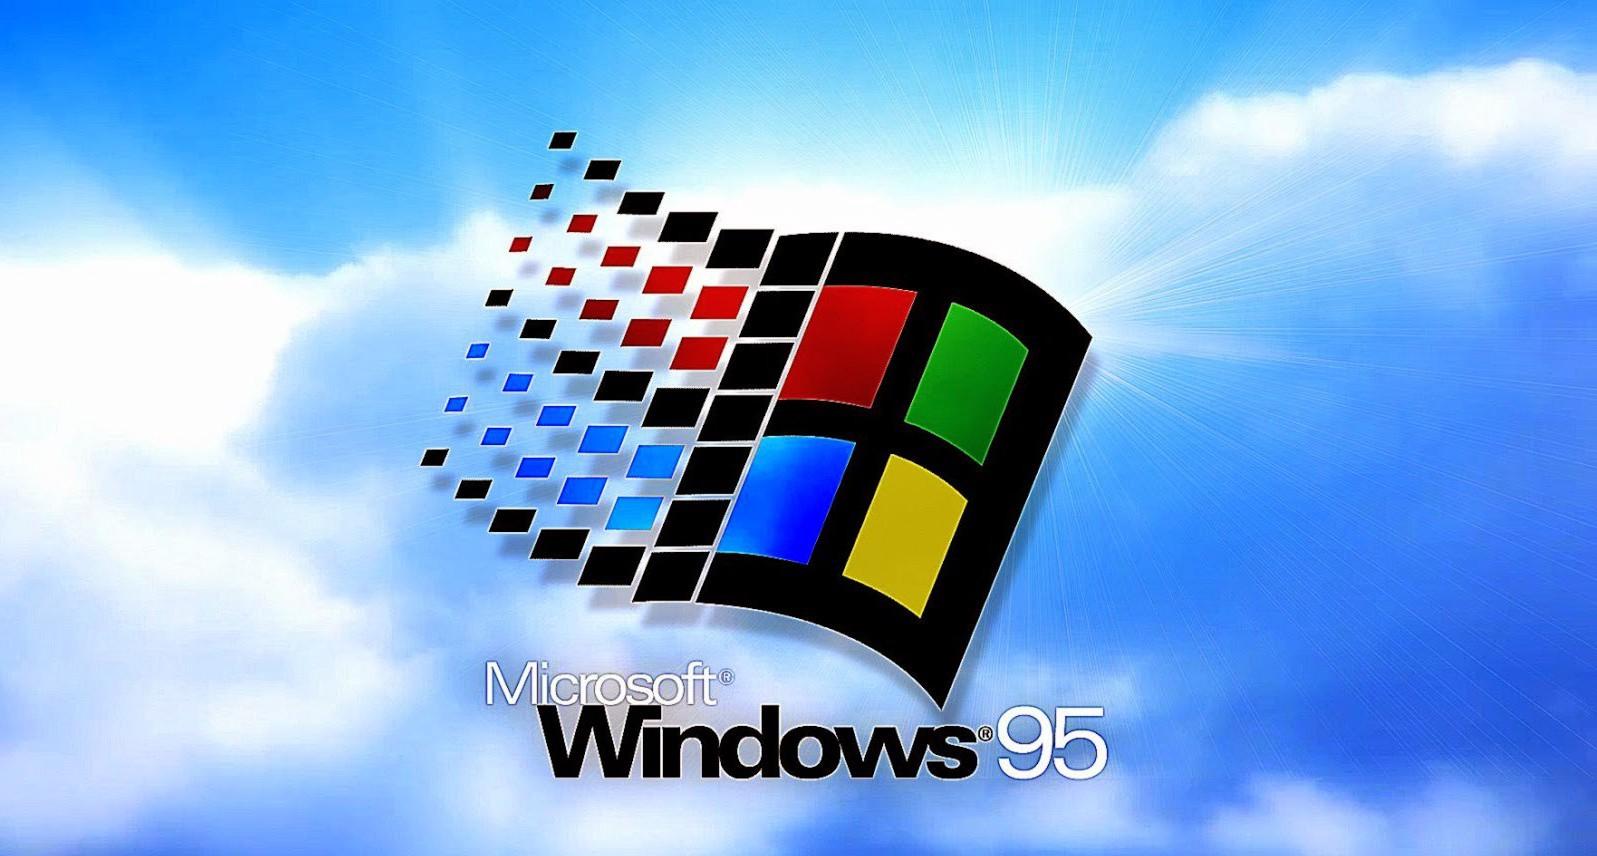 Windows 95 fyller 25! Tut i luren!